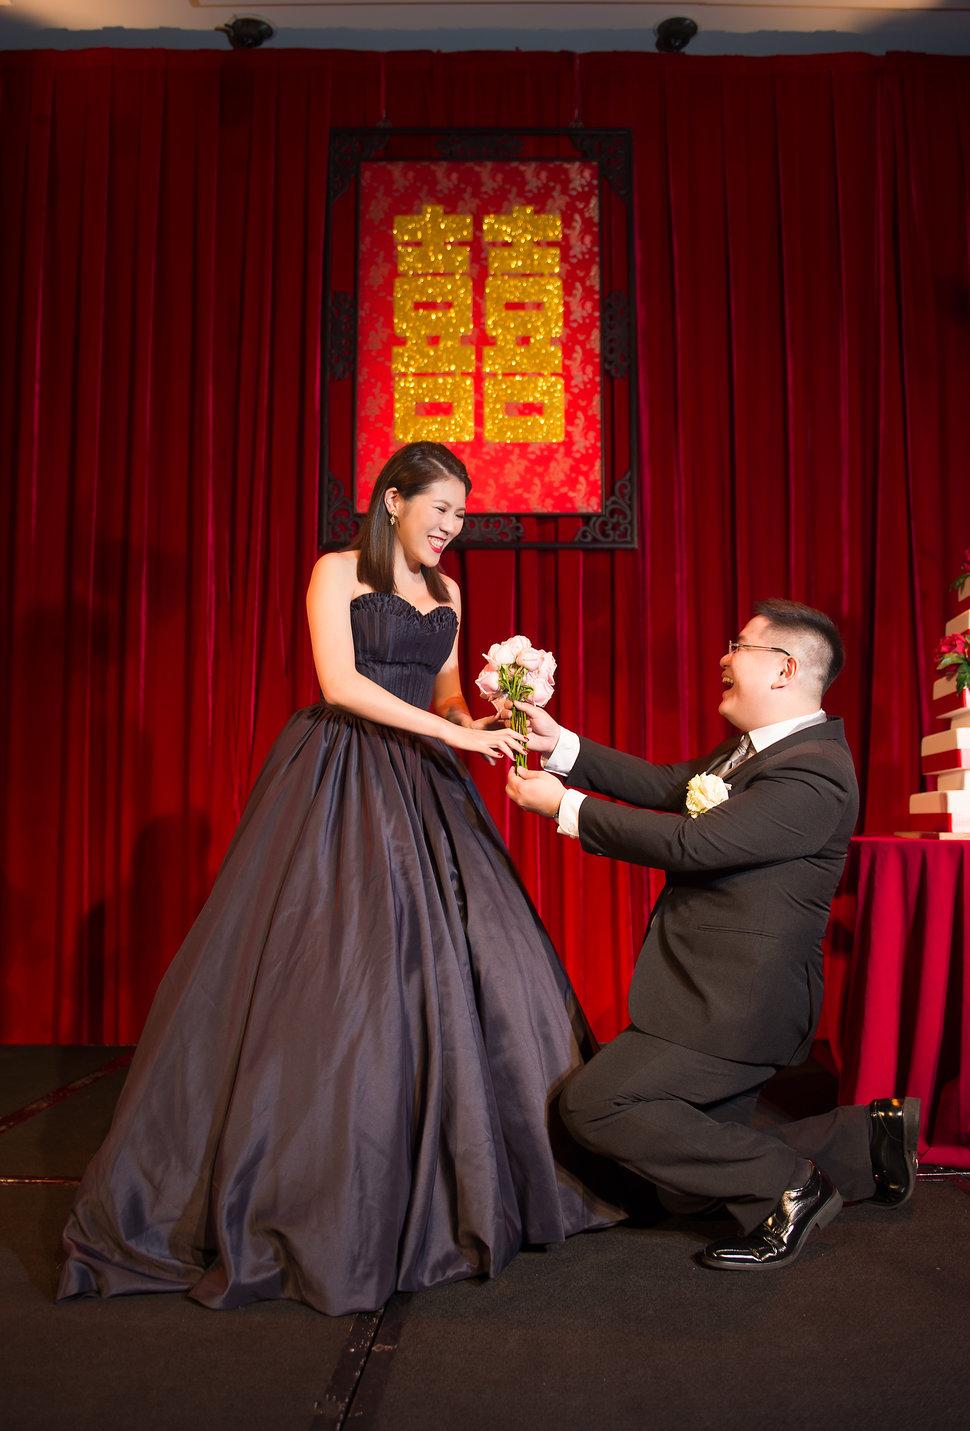 [台北婚攝] 文定婚禮紀錄 台北君悅酒店(編號:431968) - Allen影像團隊 Love Story - 結婚吧